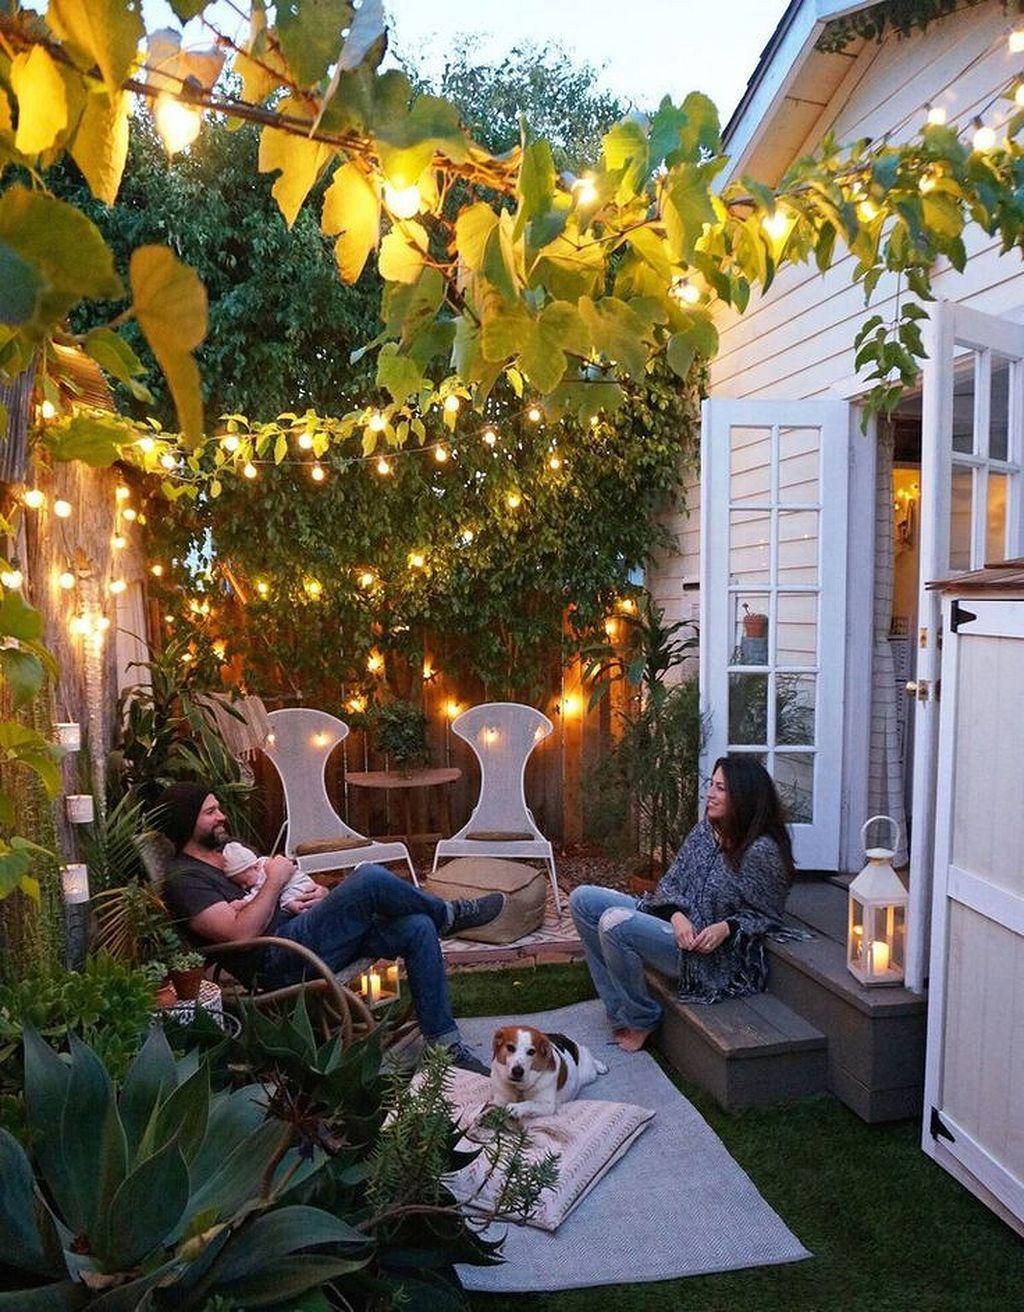 70 Incredible Outdoor Space Design Ideas Small Backyard Gardens